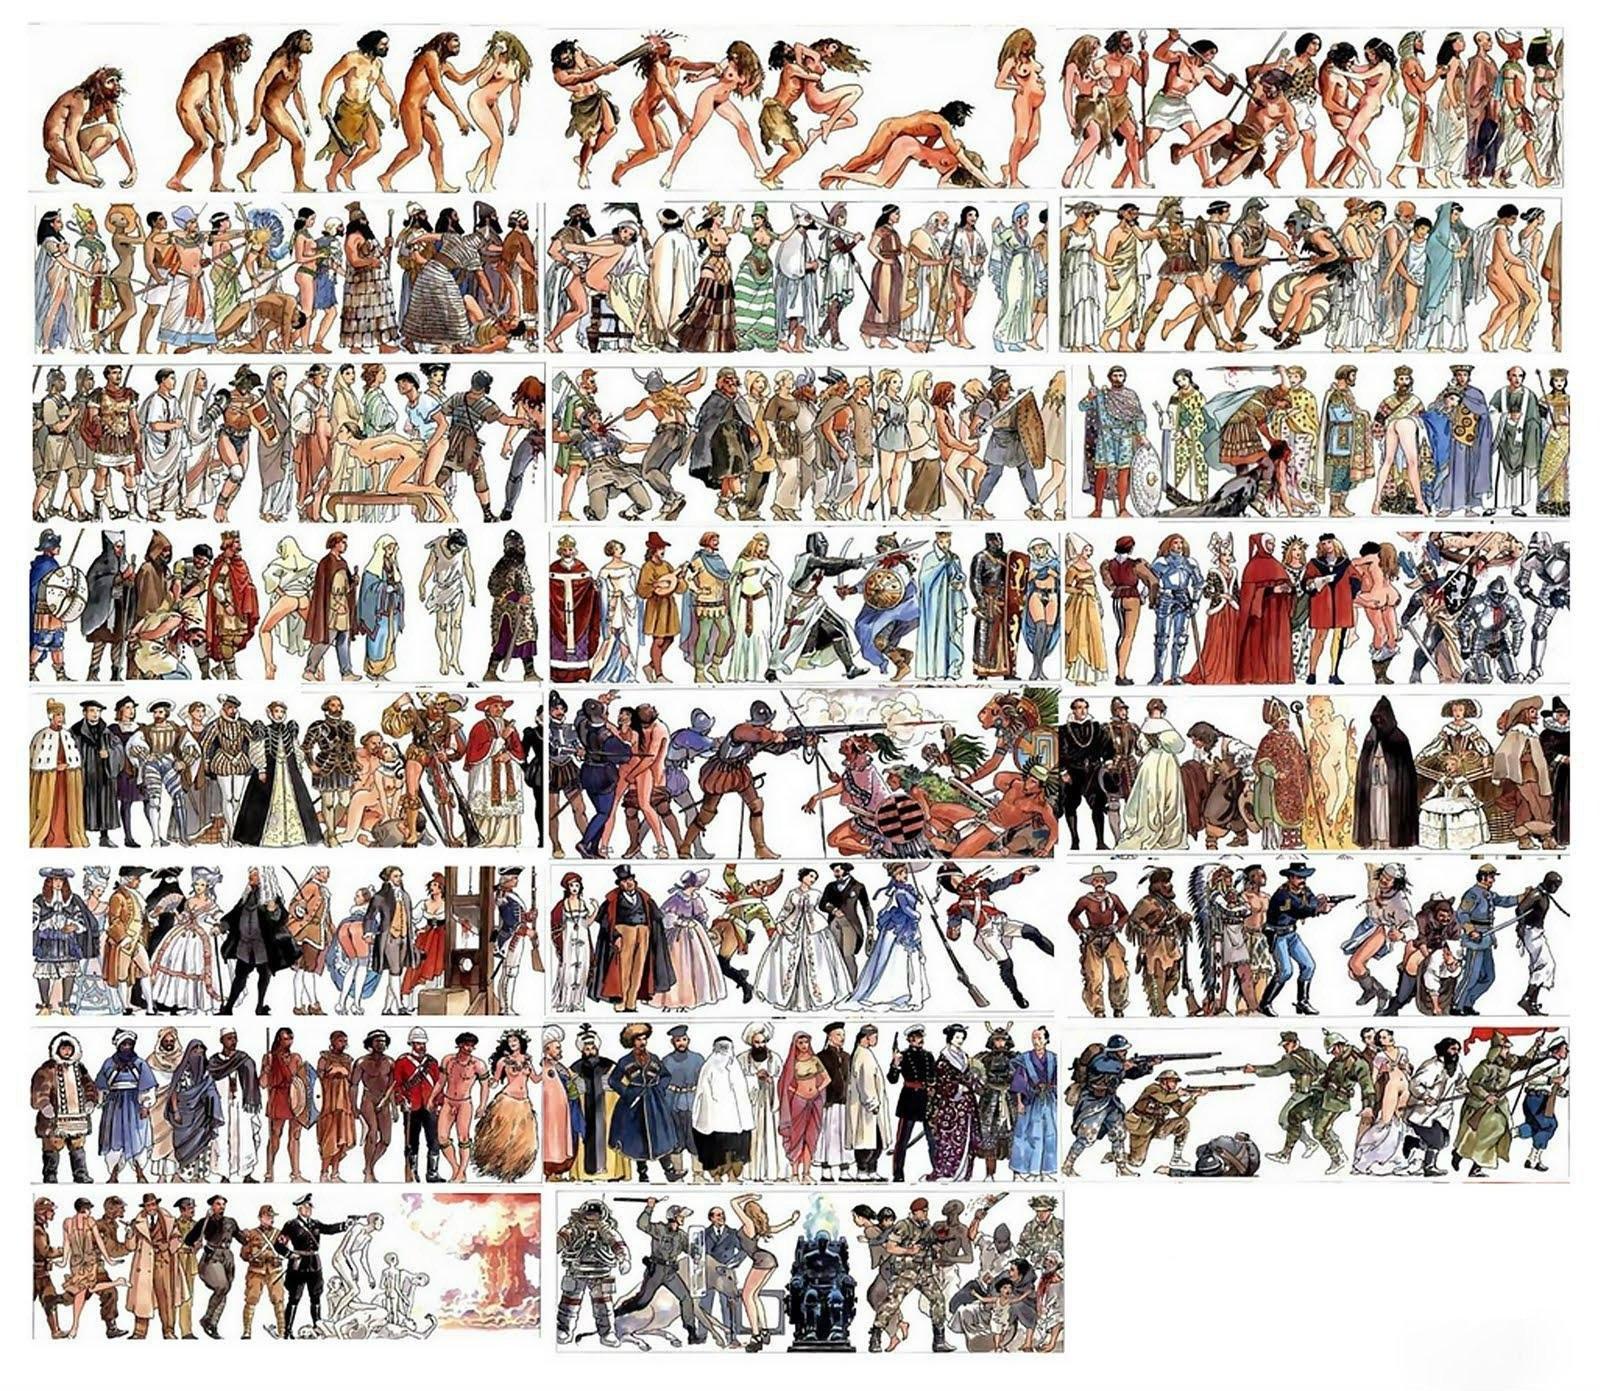 Развитие нашей цивилизации в картинках.